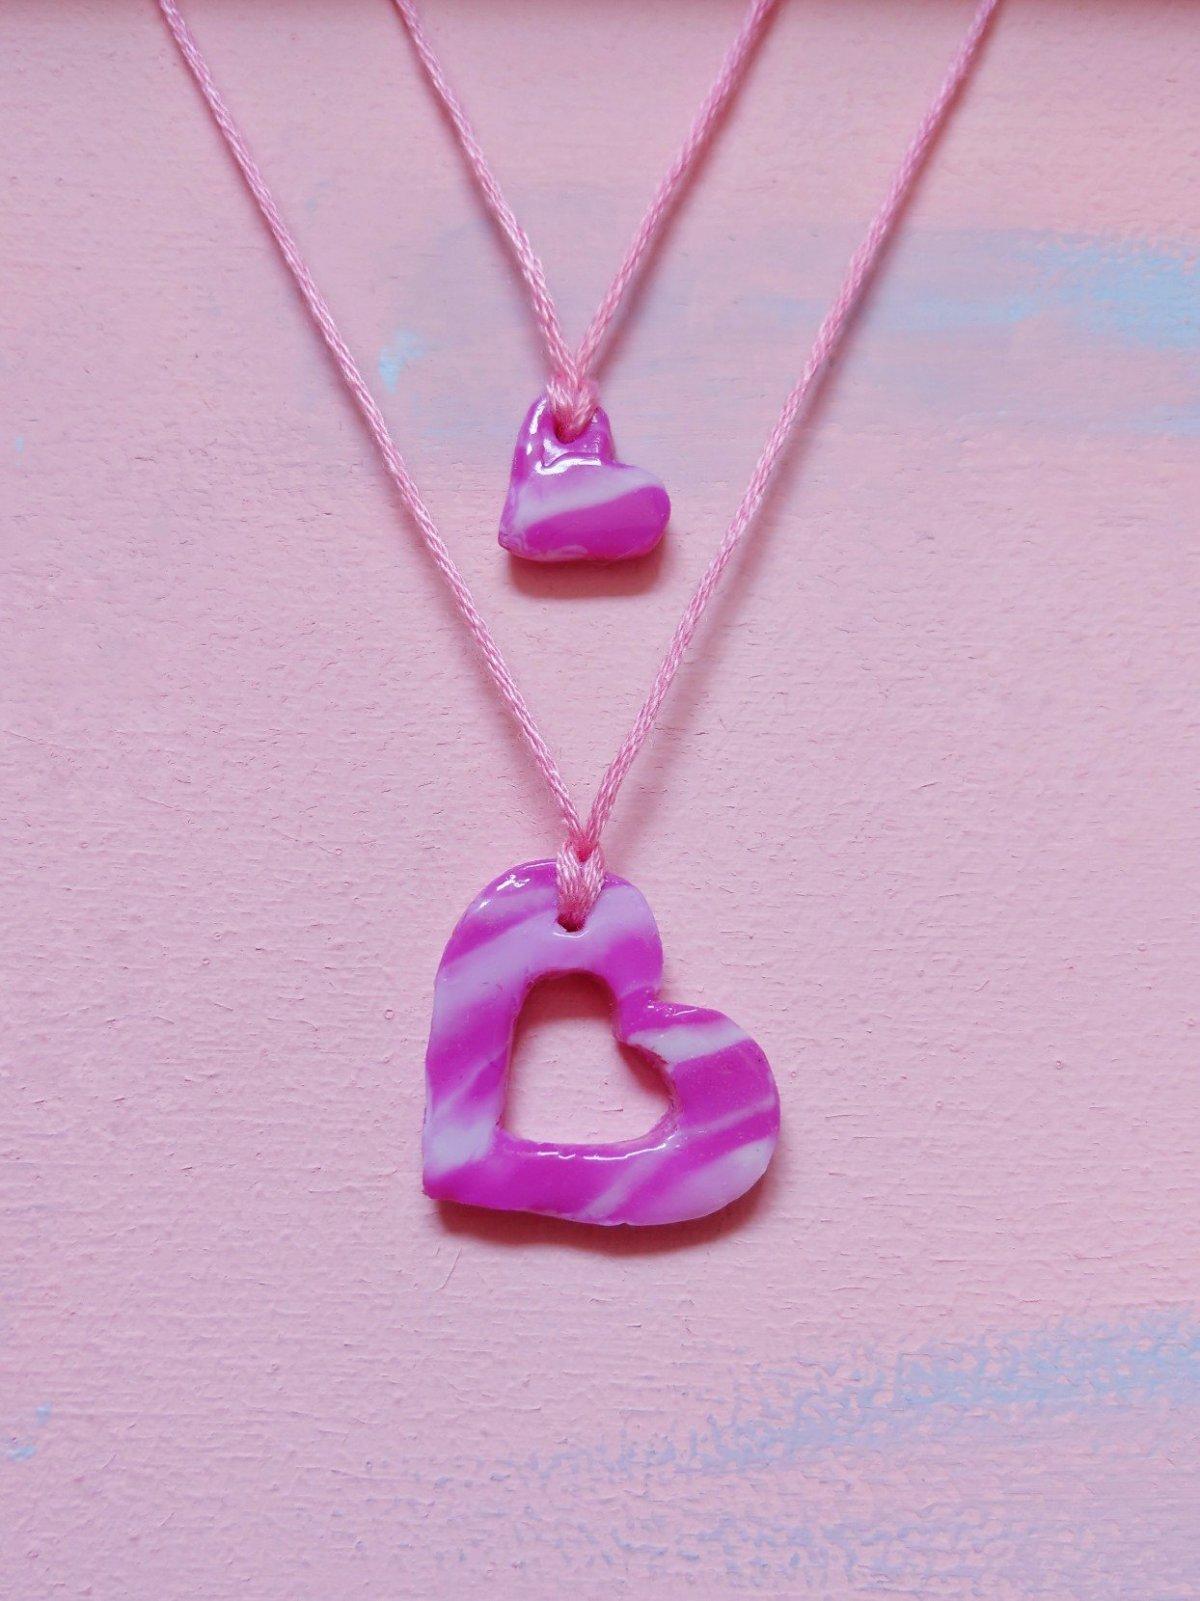 Sucht ihr noch nach einem tollen DIY für Mütter und Tochter? Wie wäre es mit einer süßen Herzkette? Die Kette lässt sich einfach aus Fimo basteln und ist ein echter Hingucker. Die Herzanhänger passen ineinander. So hat euer Kind immer einen Teil eures Herzens dabei.